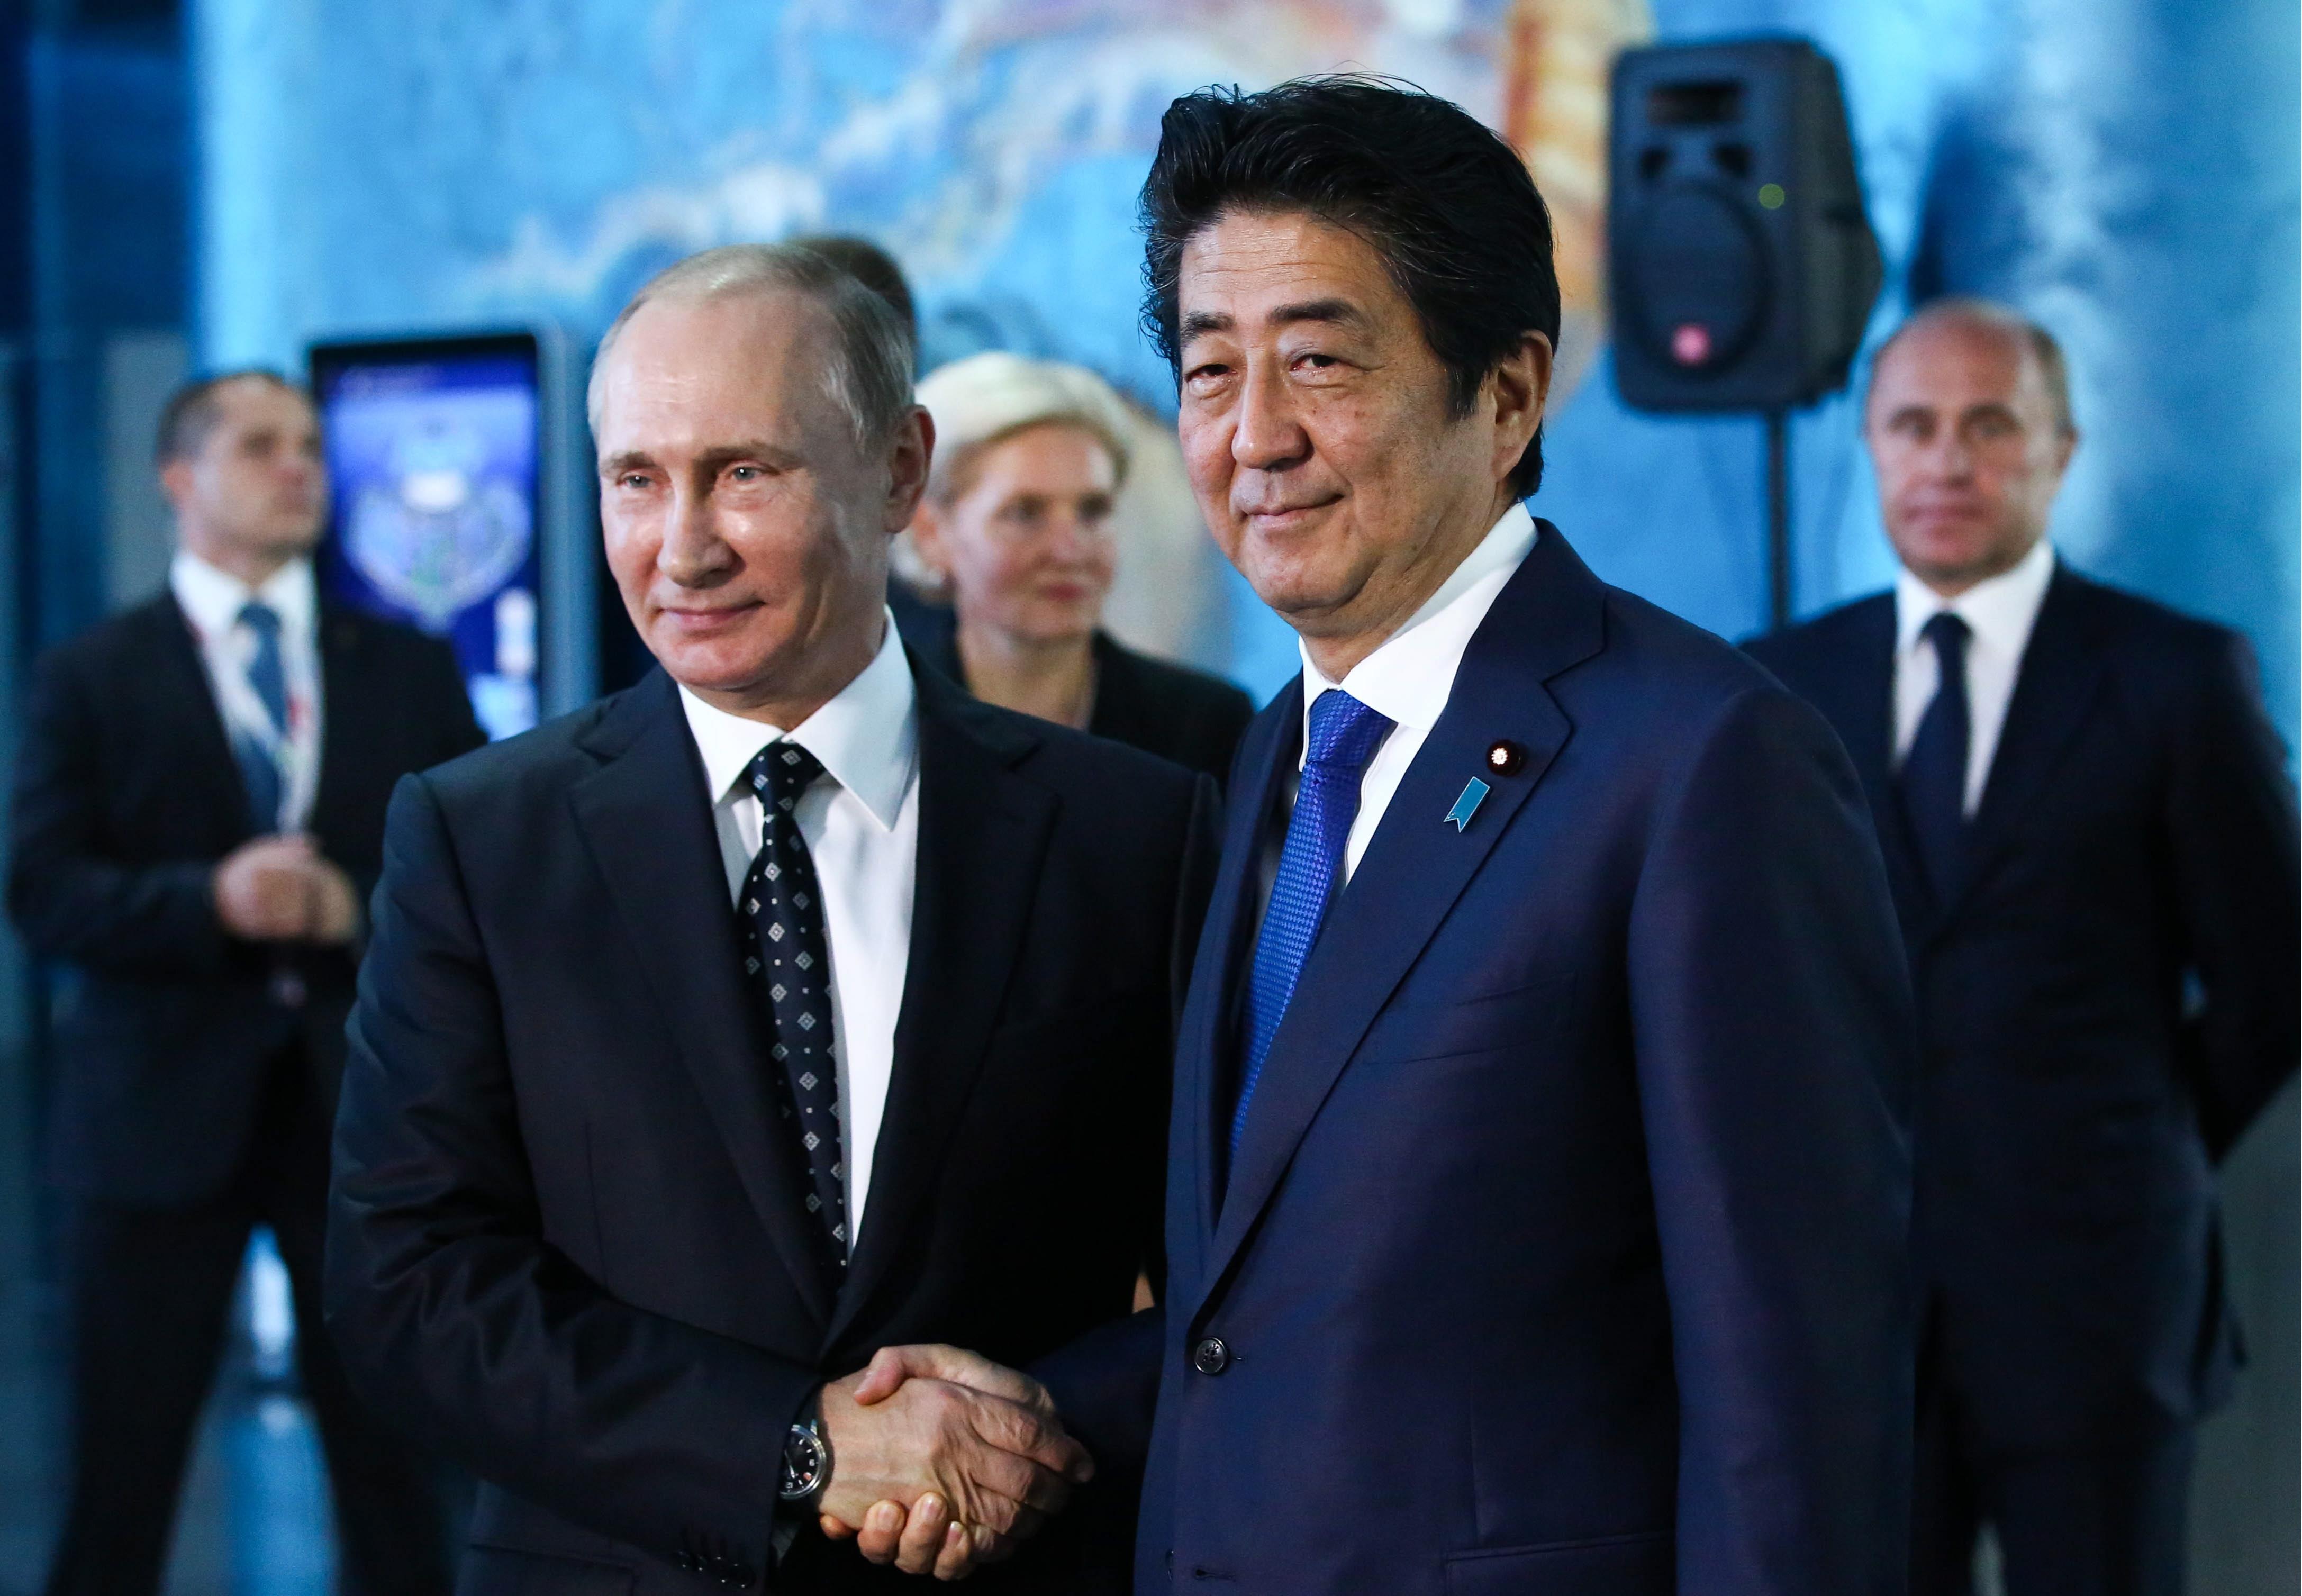 Vladimir Putin and Shinzo Abe.